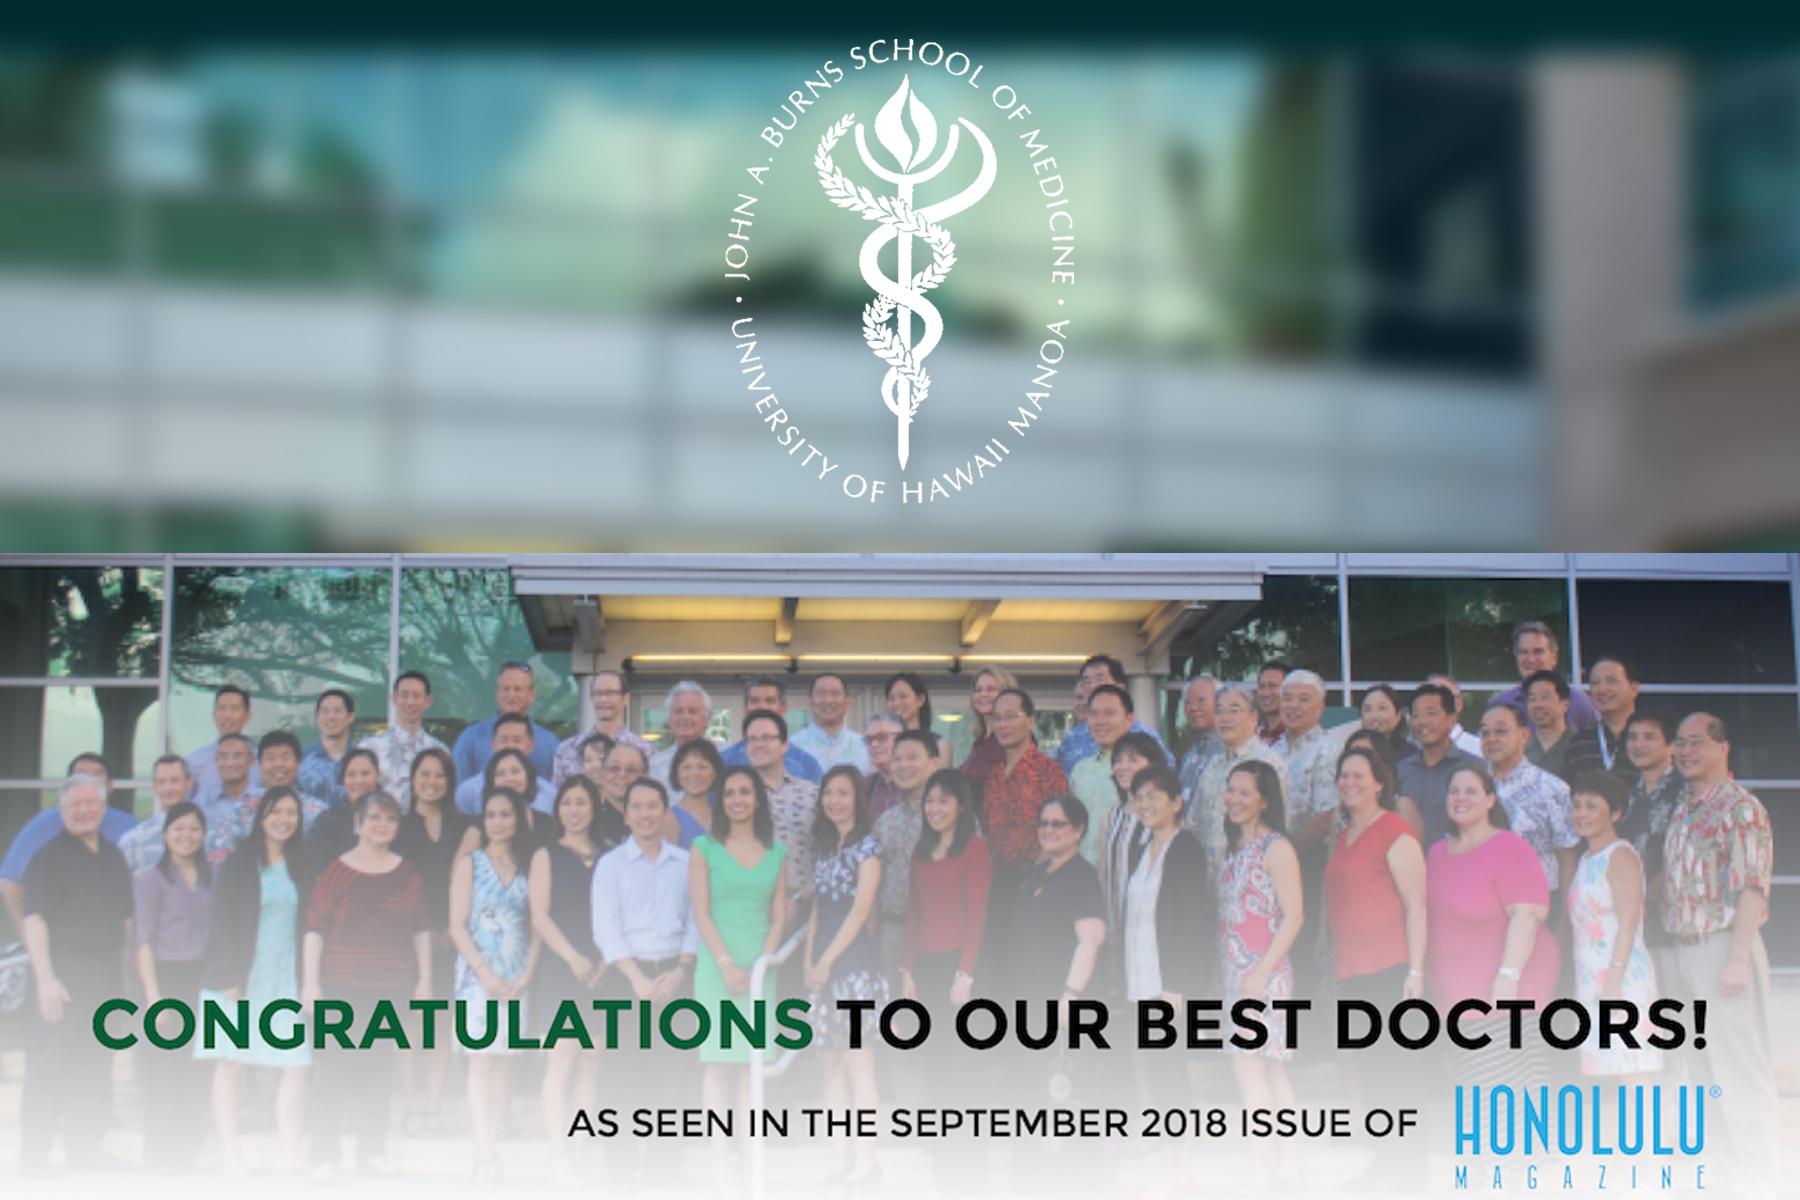 Top Docs 2018 a group photo